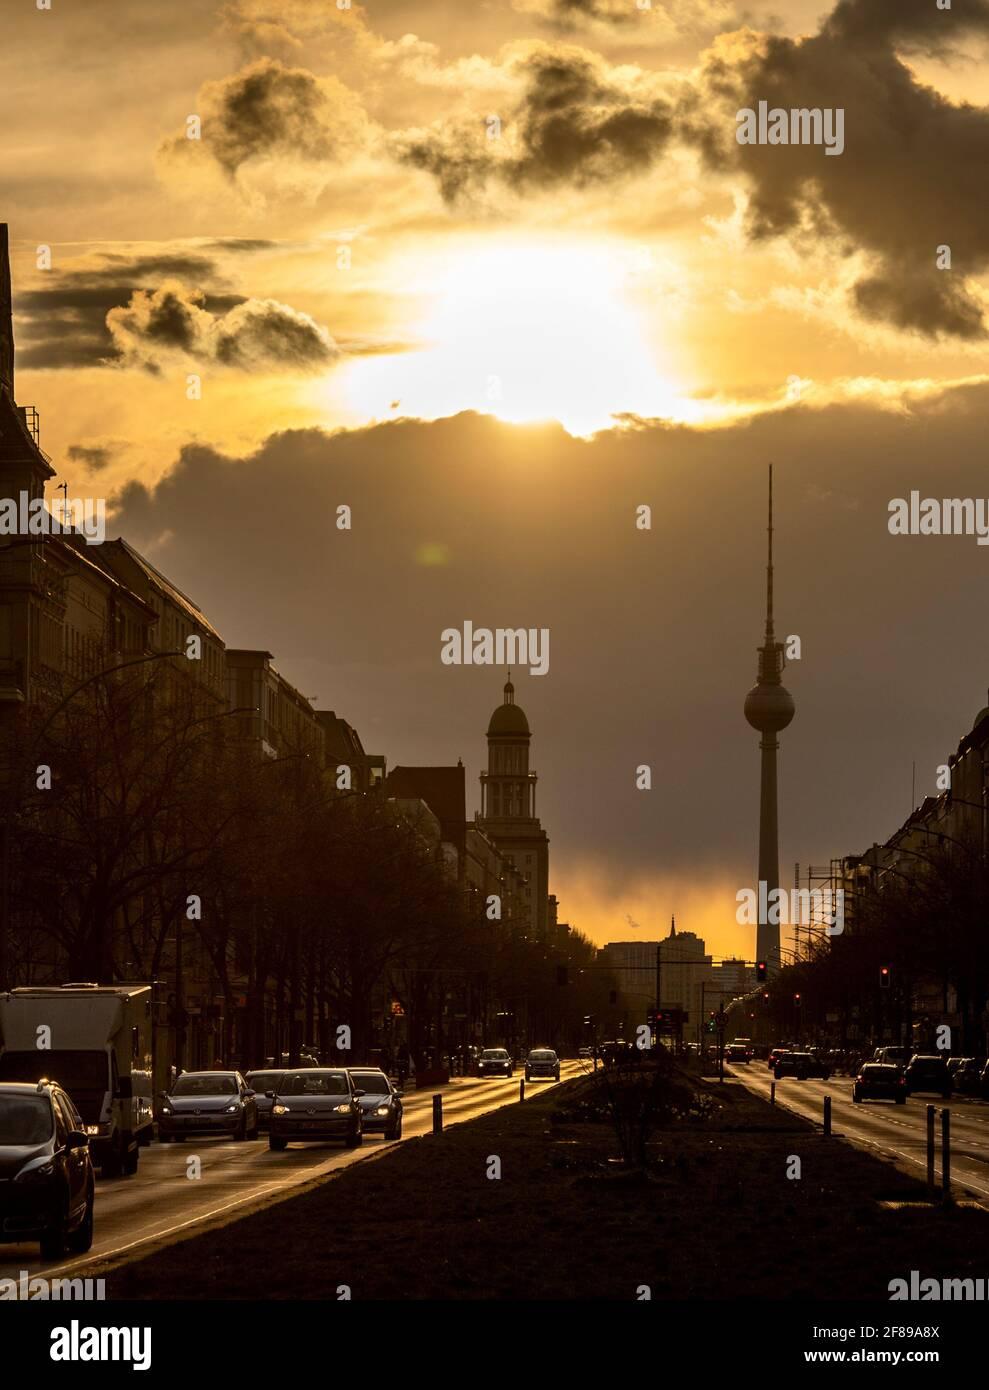 Berlín, Alemania. 12th de Abr de 2021. Durante la puesta de sol, una nube oscura se mueve detrás de la torre de televisión. Crédito: Christophe Gateau/dpa/Alamy Live News Foto de stock